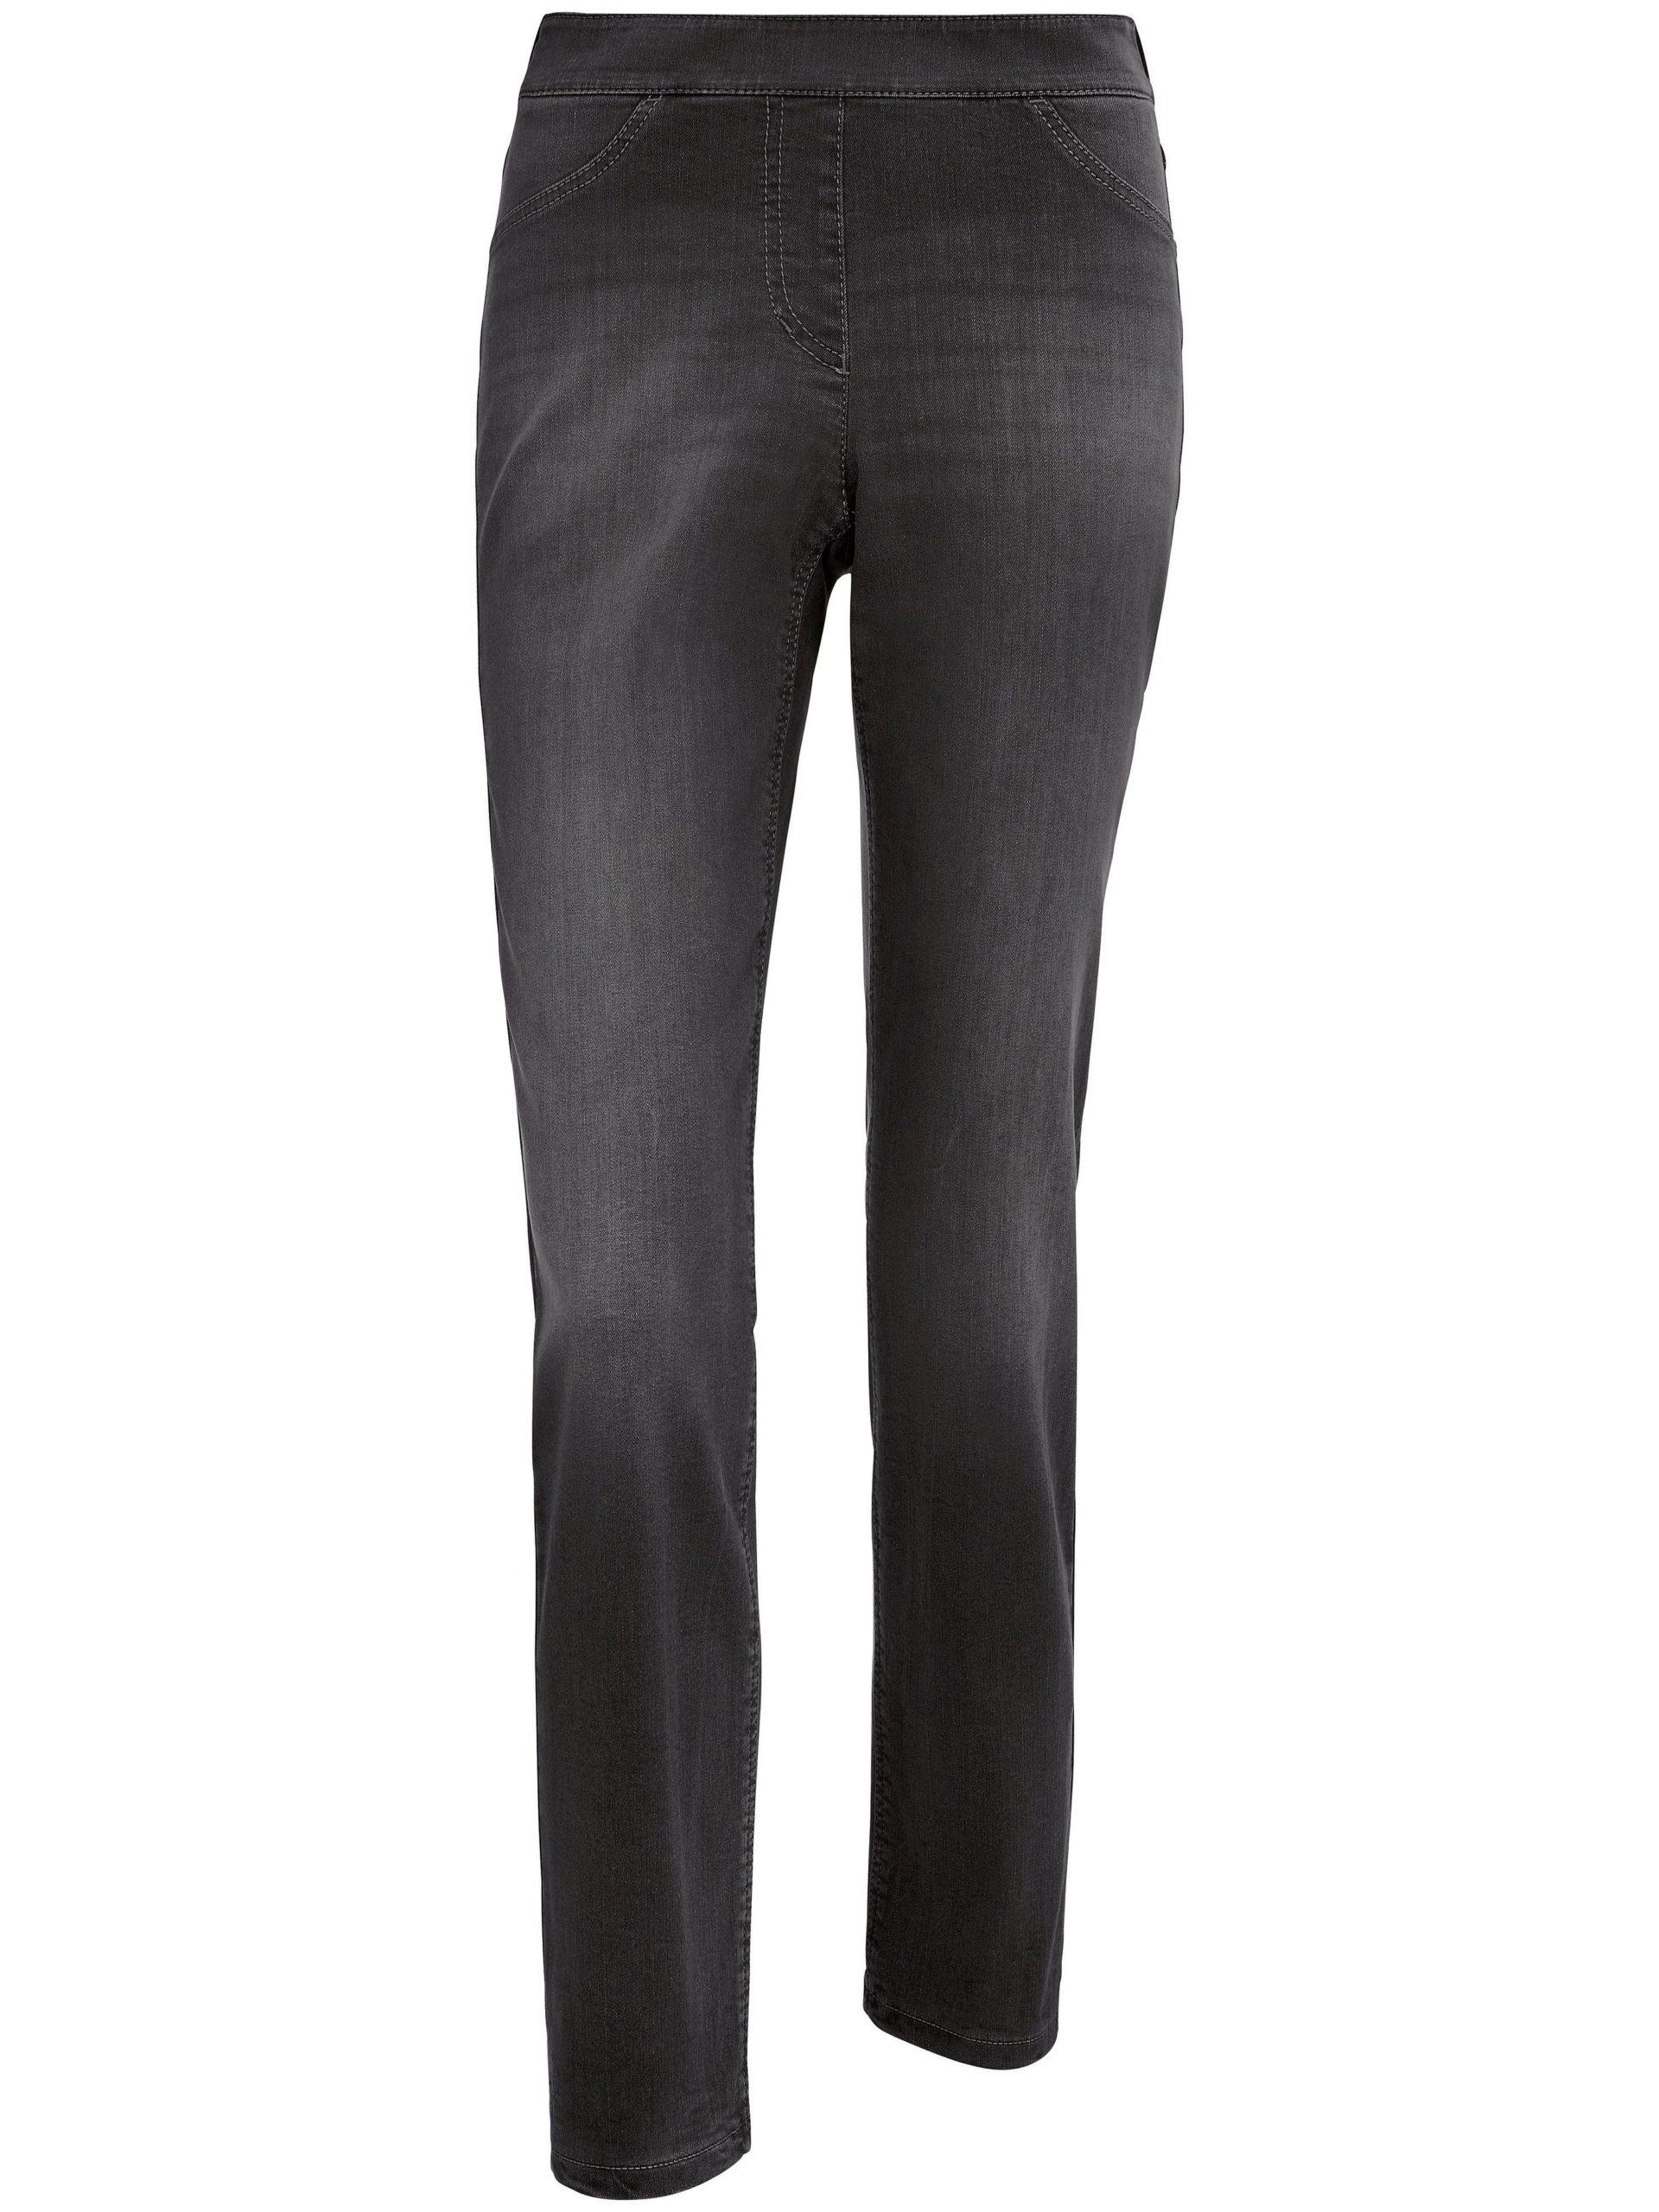 Enkellange jeans Van Gerry Weber Edition bruin Kopen